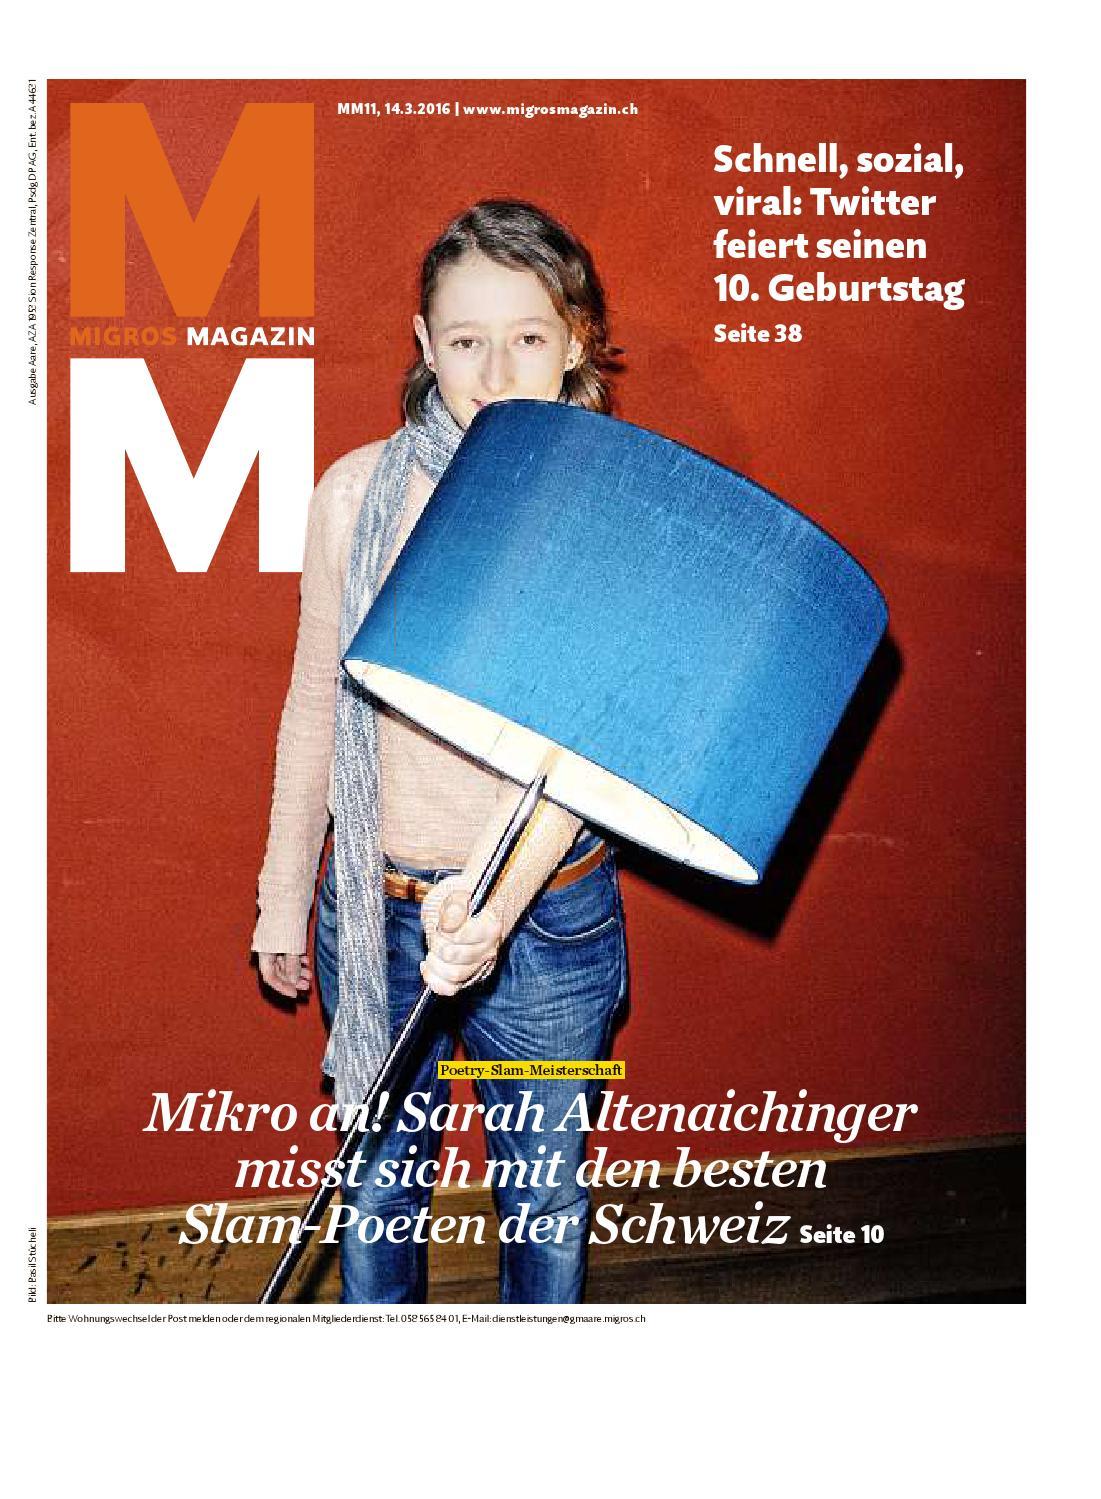 Migros magazin 11 2016 d aa by Migros-Genossenschafts-Bund - issuu